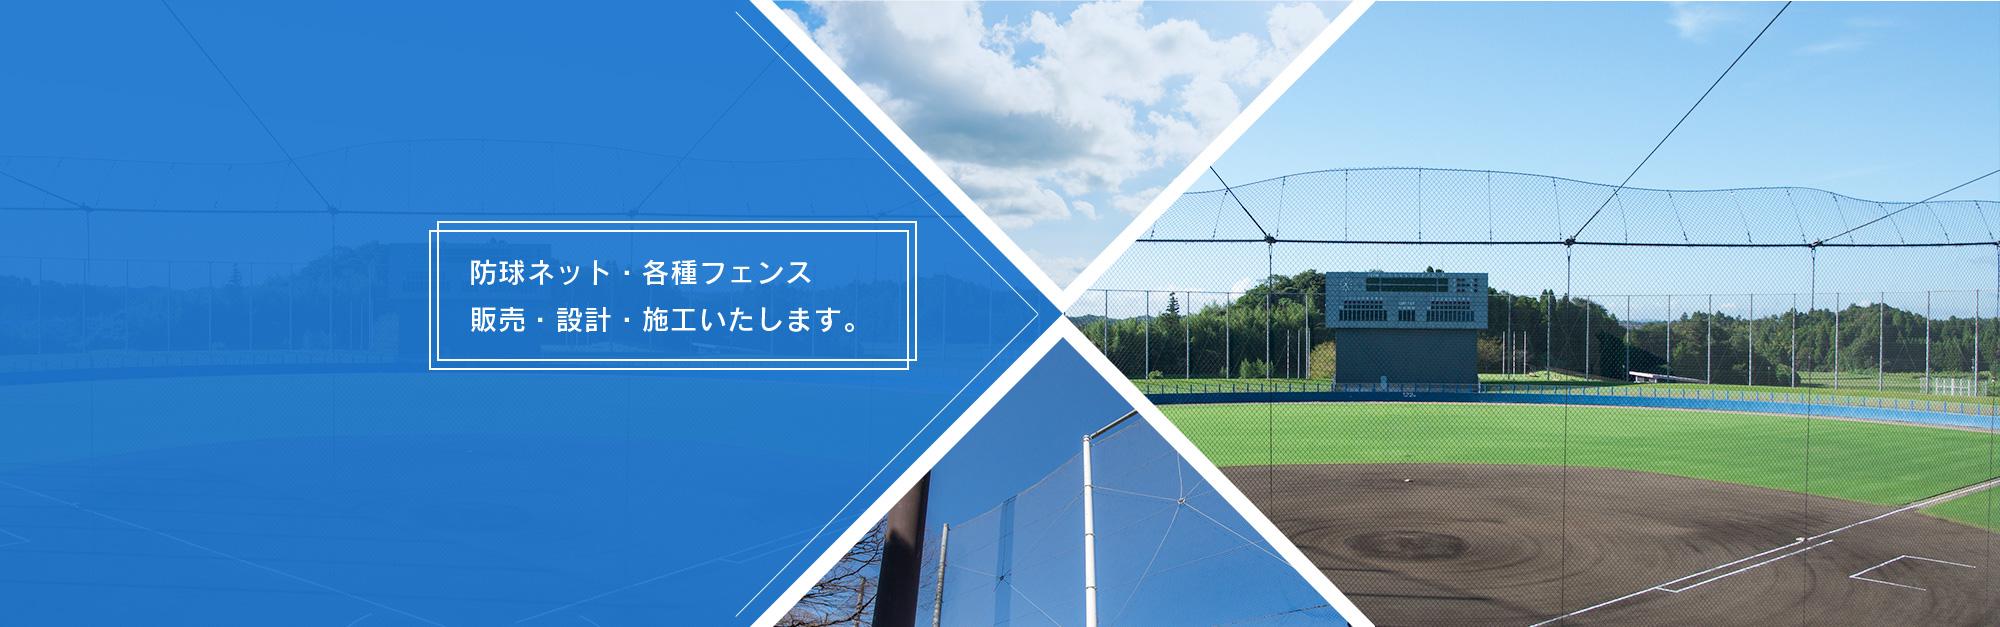 防球ネット・各種フェンス販売・設計・施工いたします